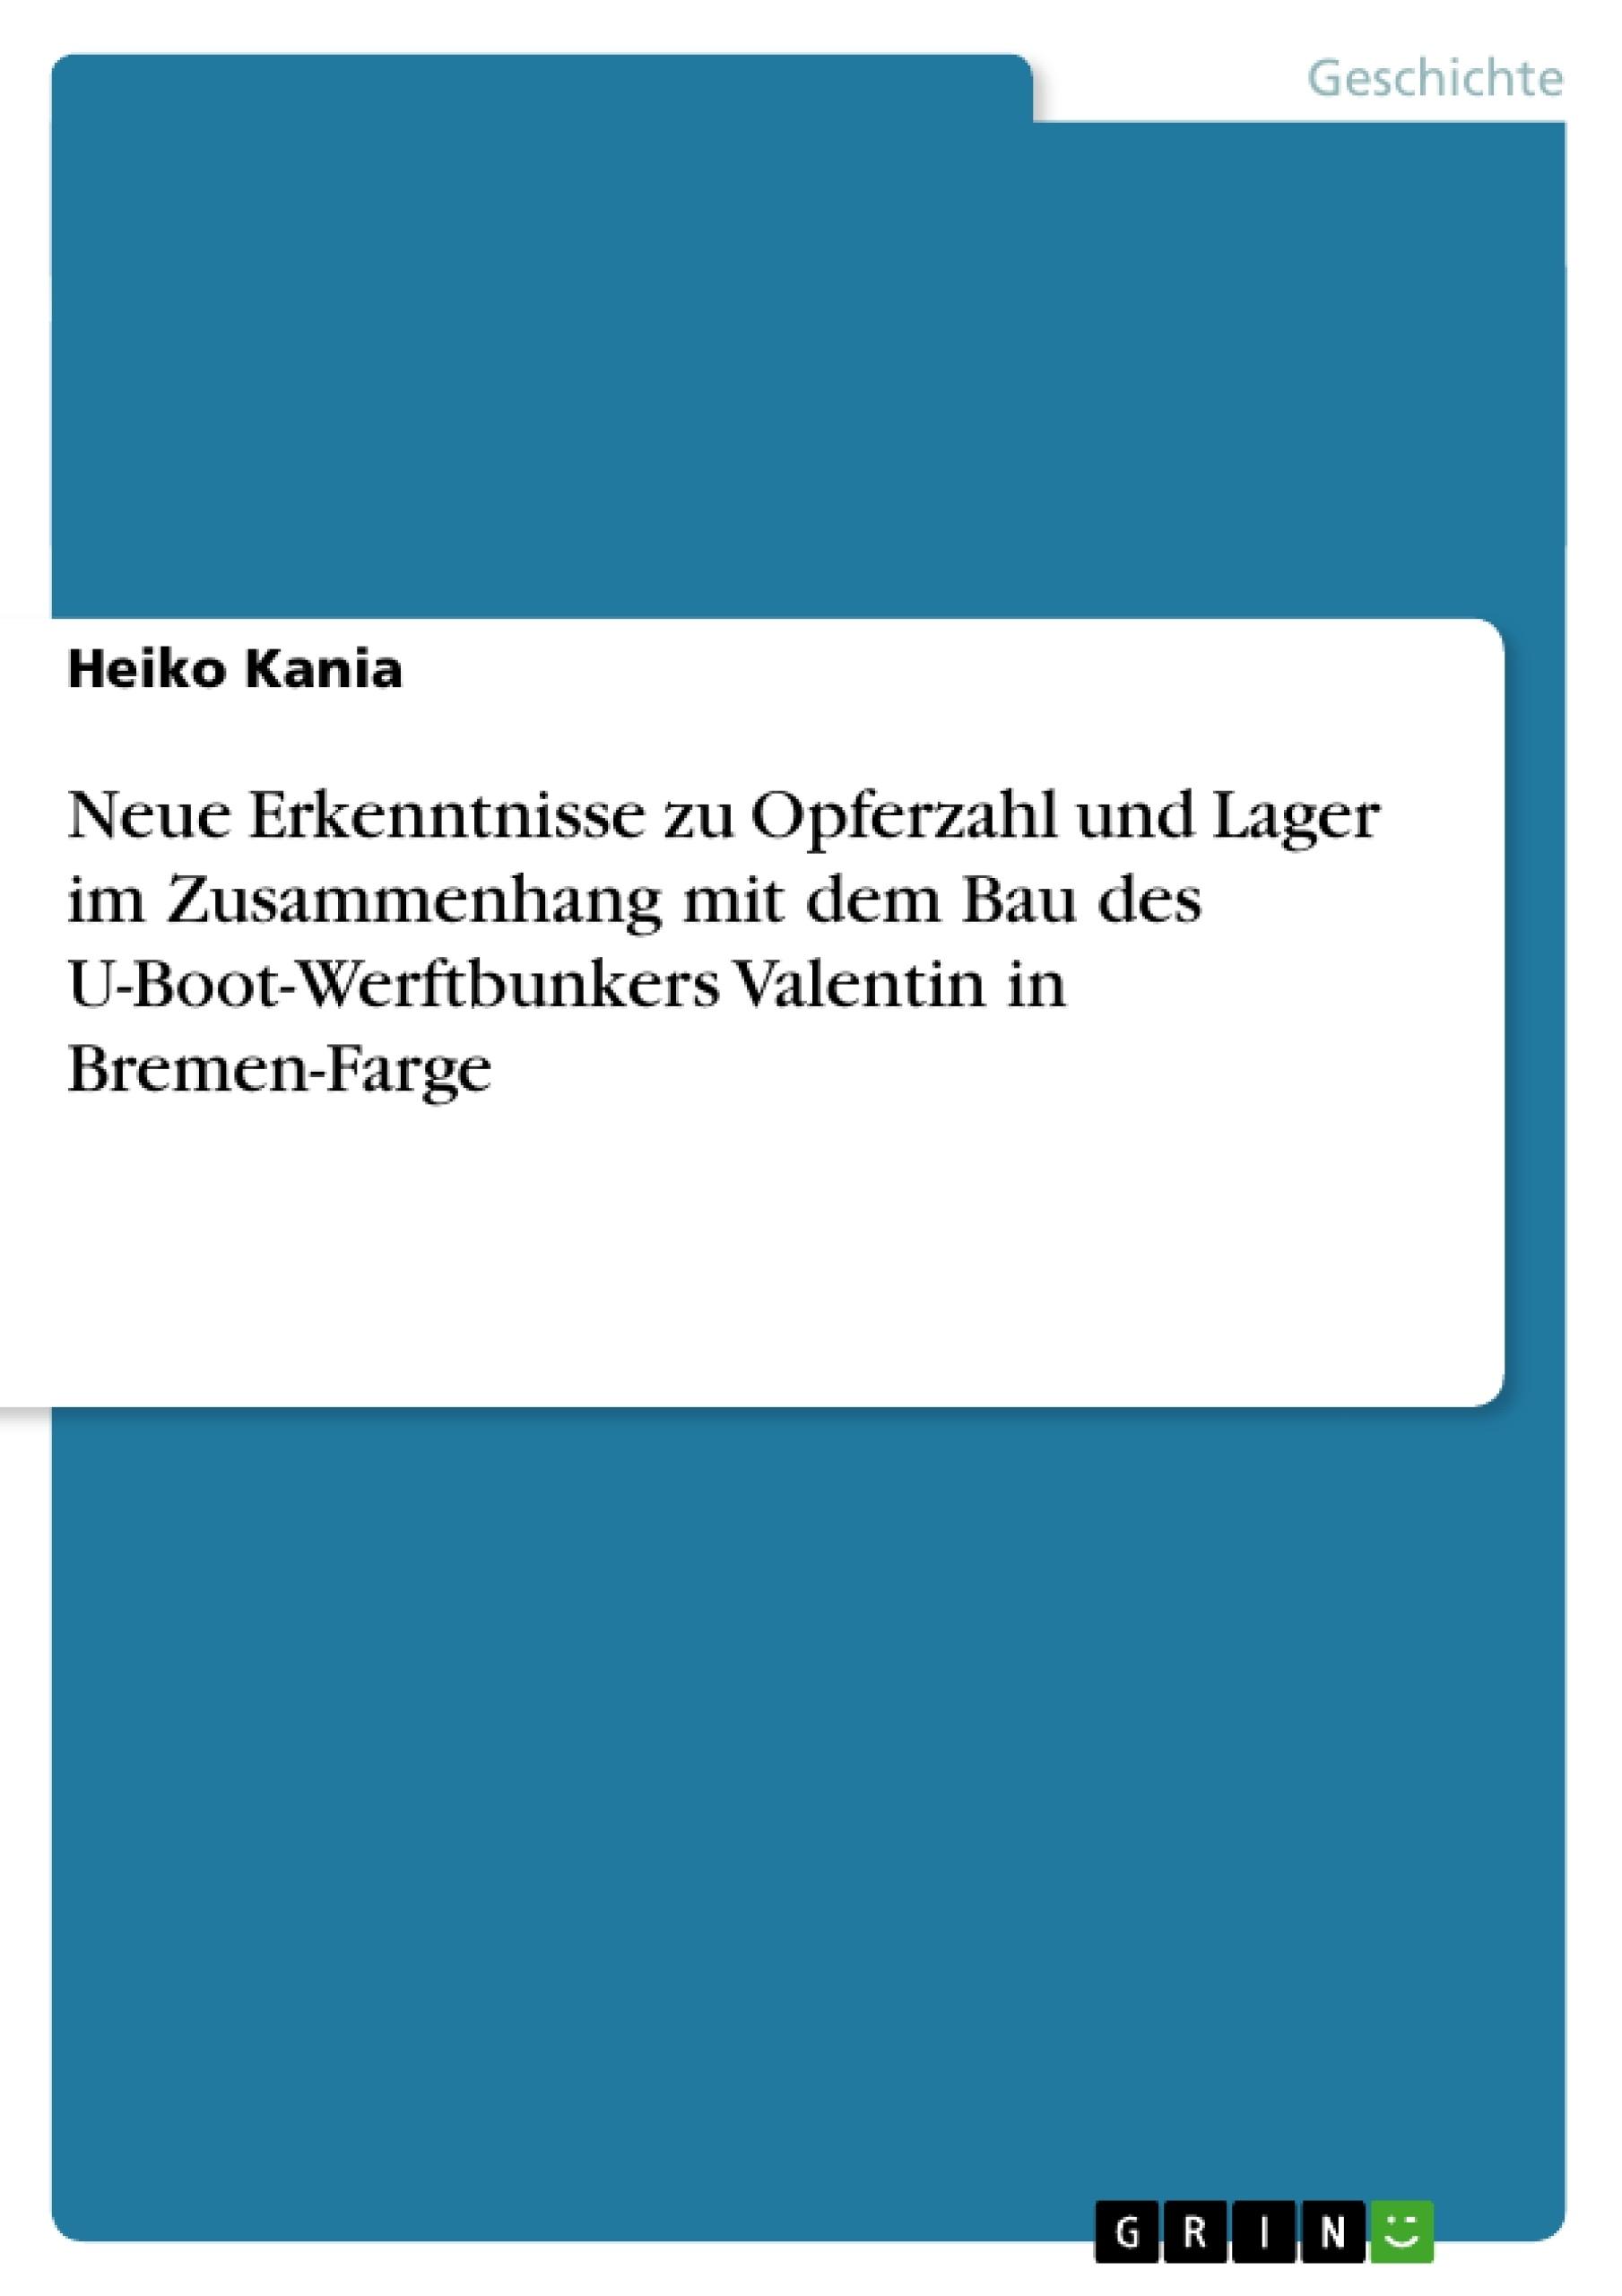 Titel: Neue Erkenntnisse zu Opferzahl und Lager im Zusammenhang mit dem Bau des U-Boot-Werftbunkers Valentin in Bremen-Farge